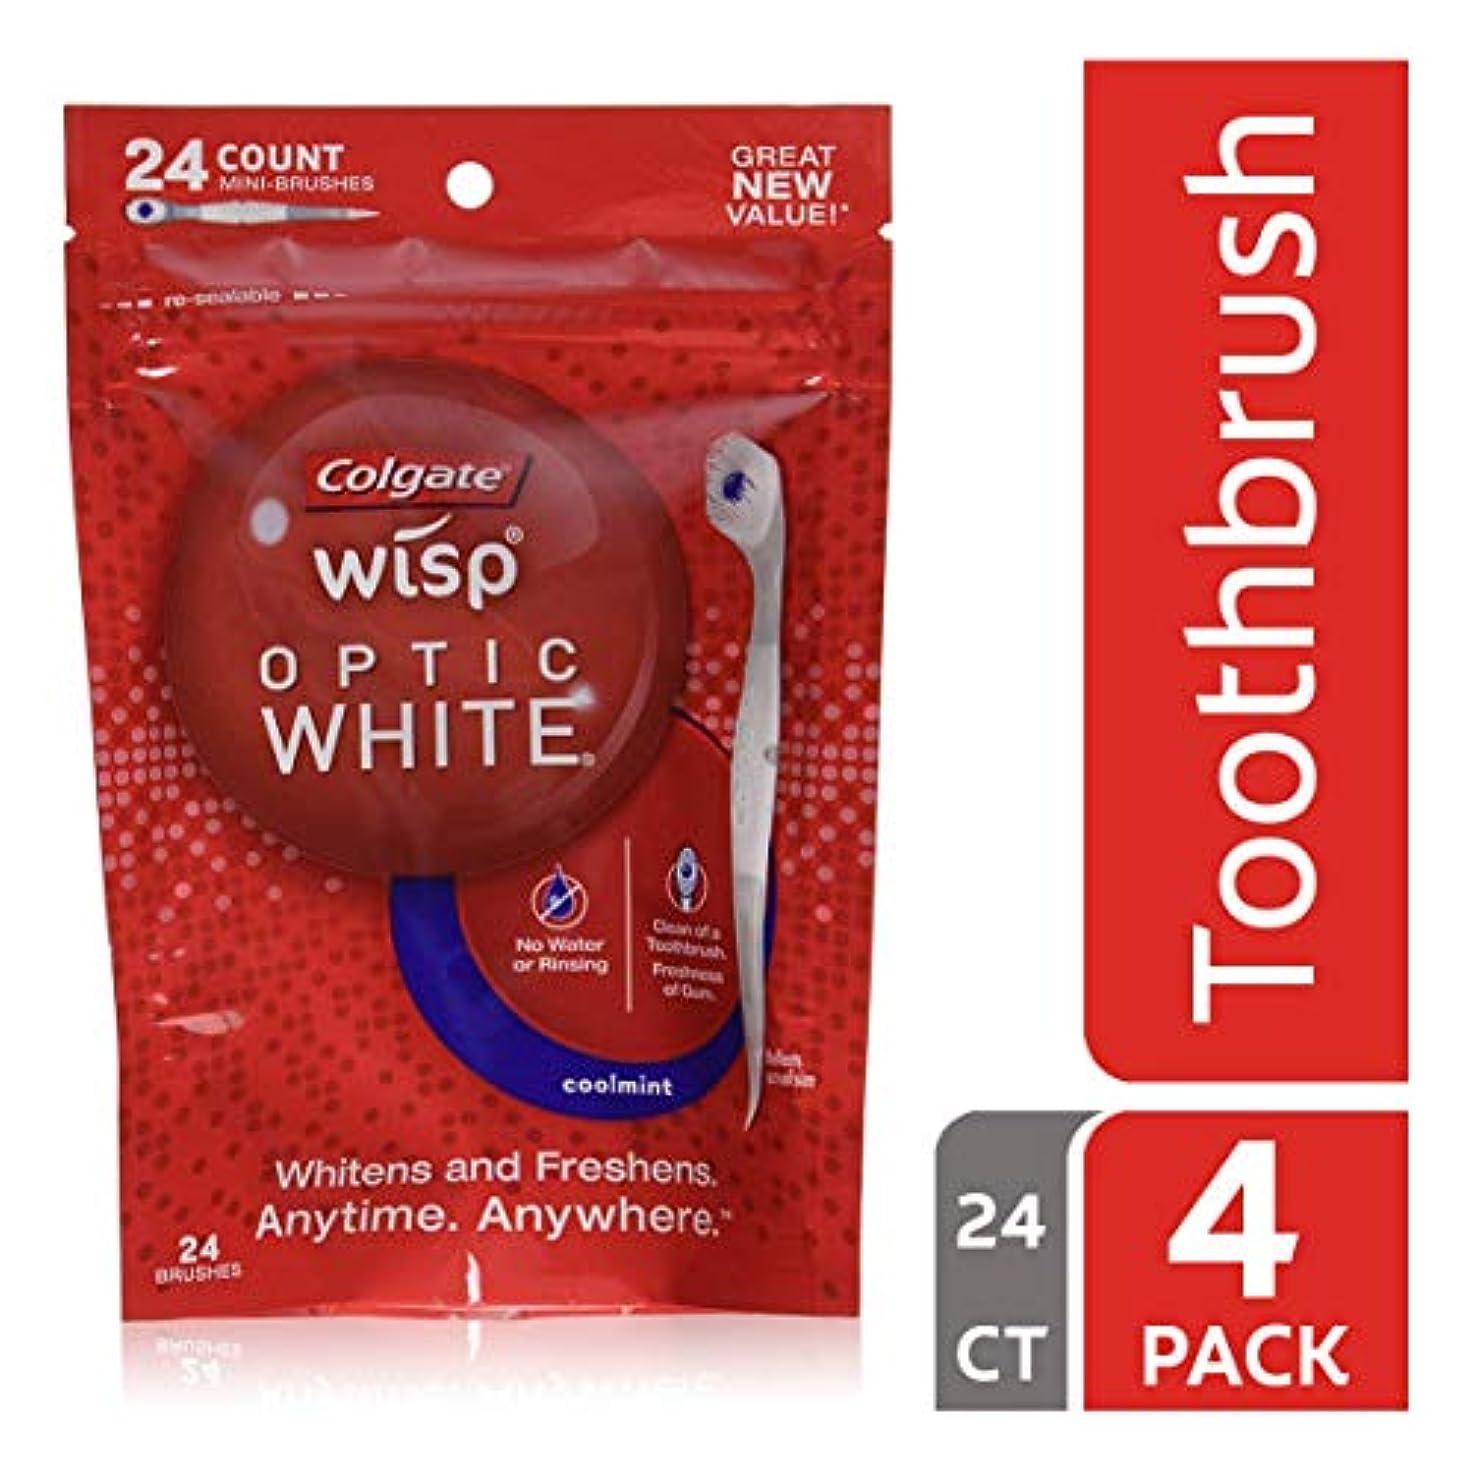 解決する合わせて空コルゲート ポータブルミニ歯ブラシ オプティックホワイト、クールミント 24カウント (4袋 (24x4 ミニブラシ))